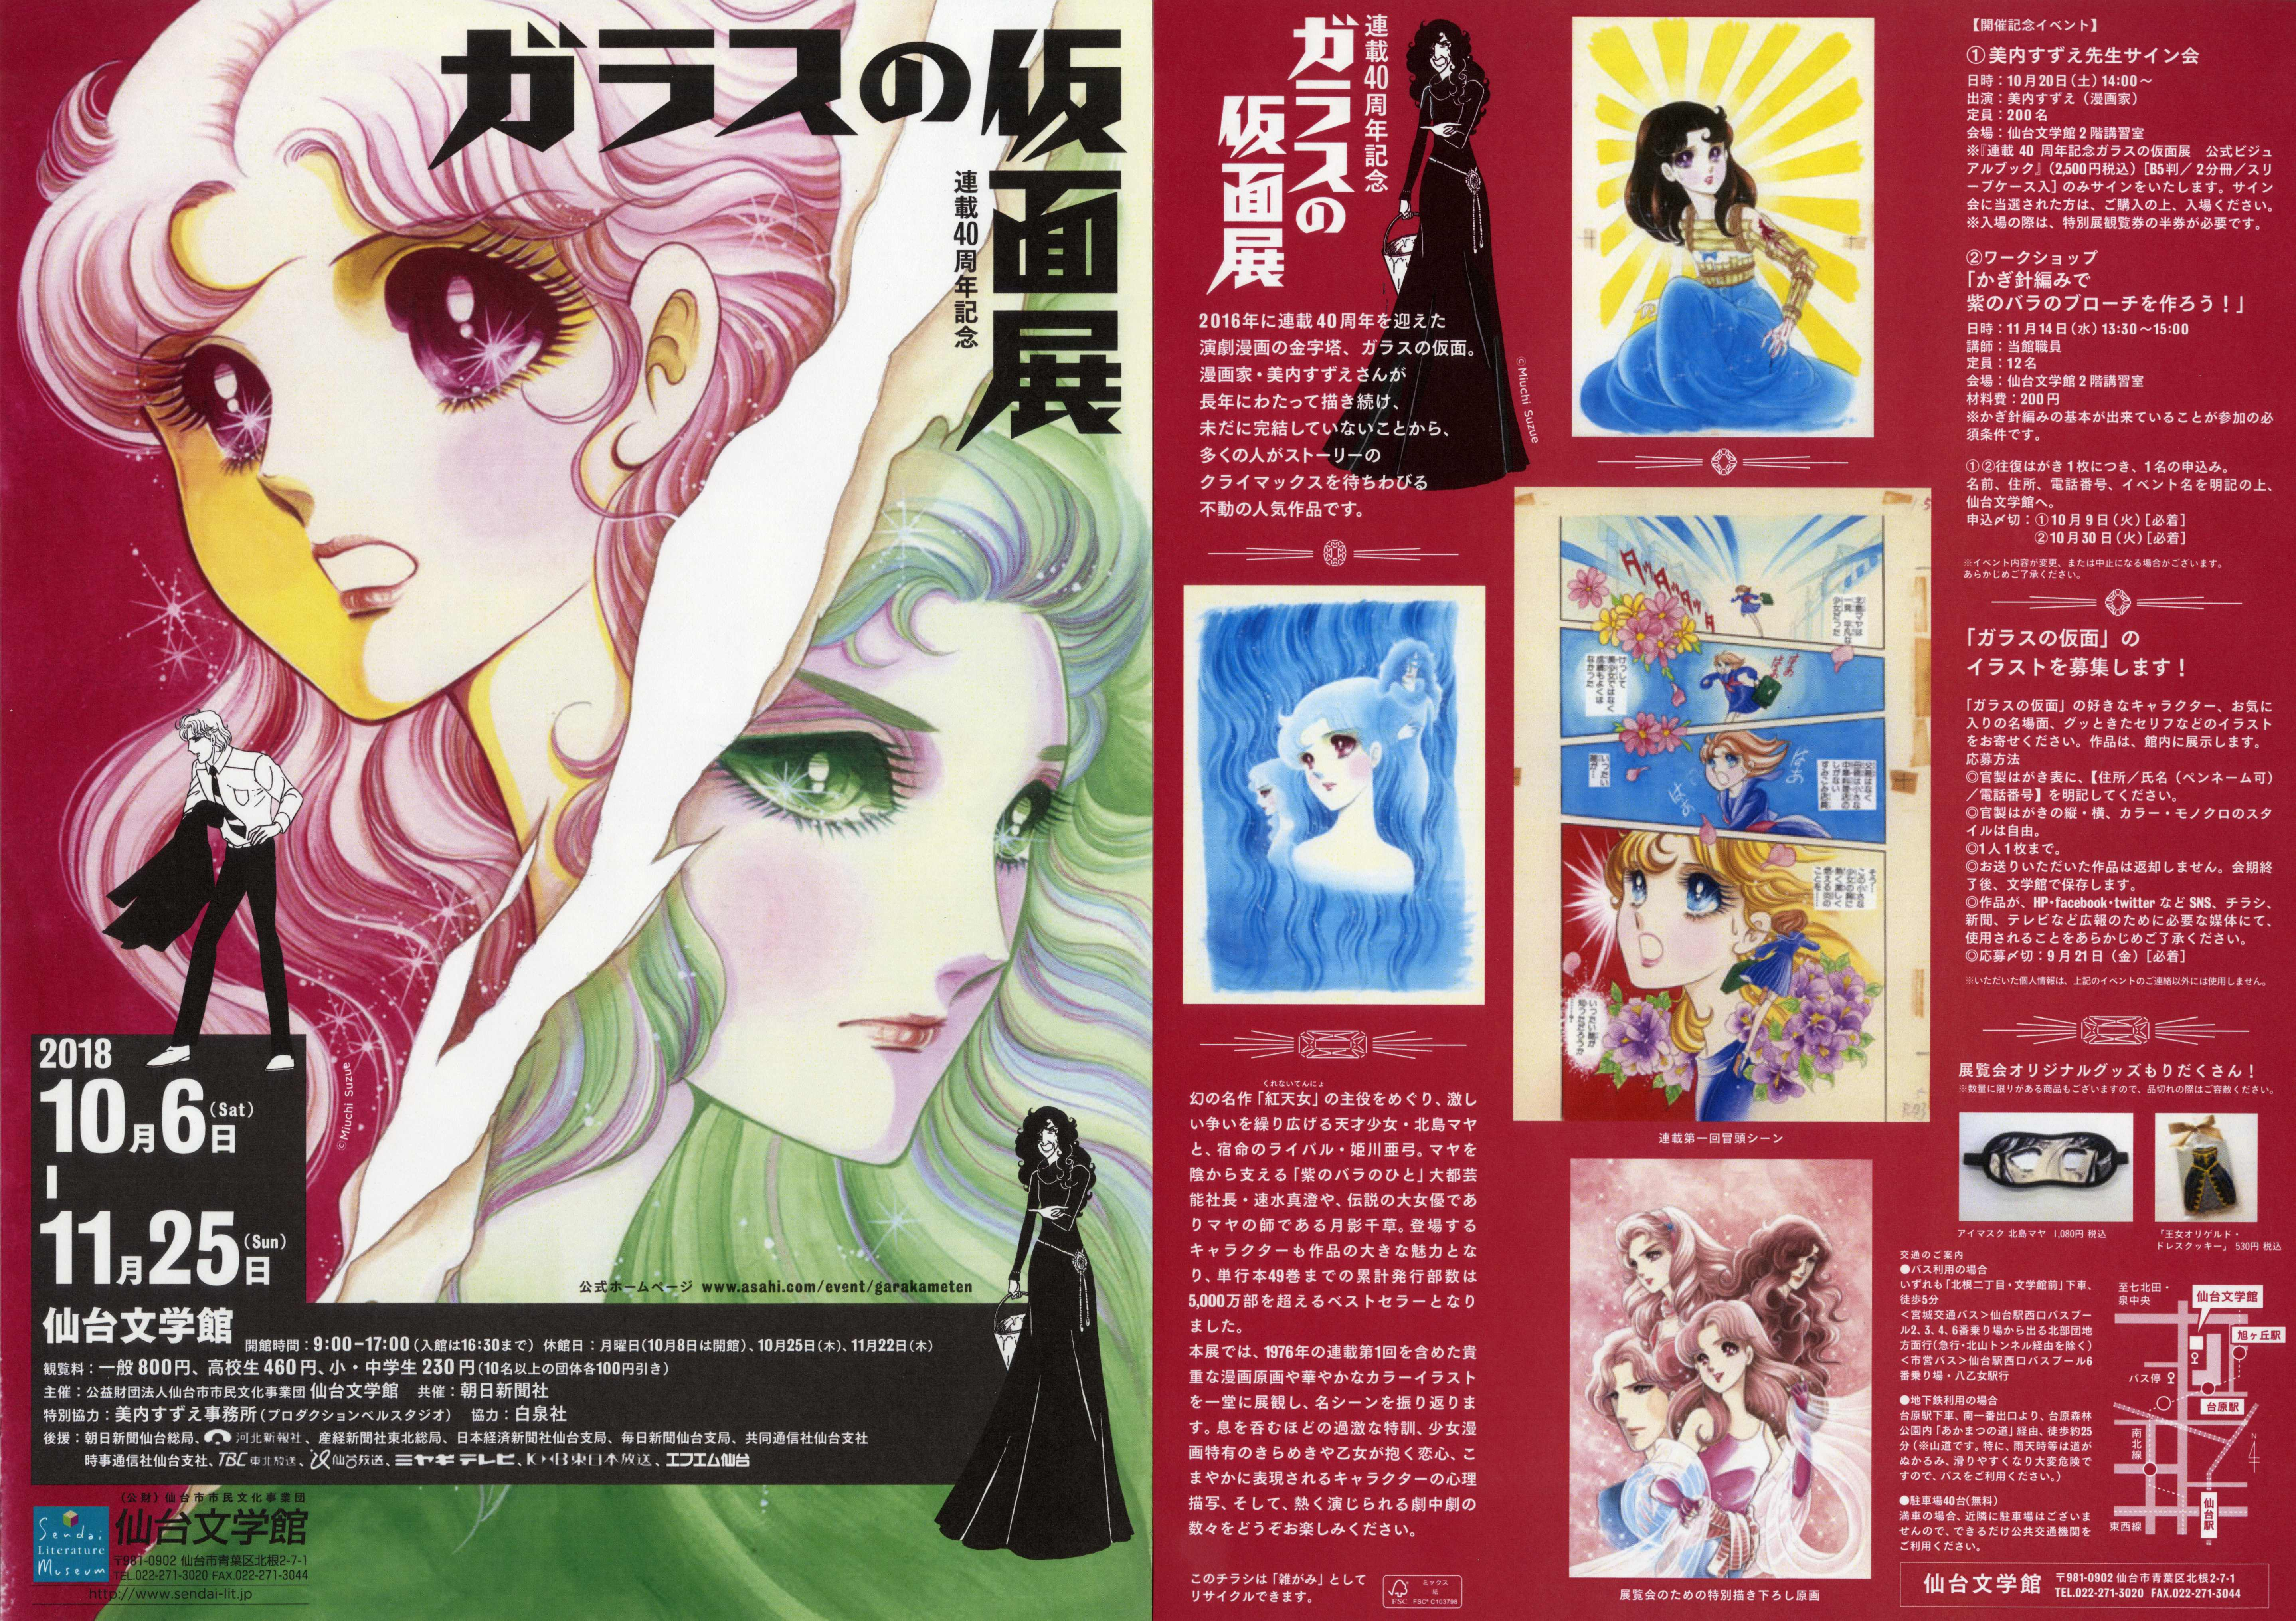 連載40周年記念 ガラスの仮面展仙台文学館